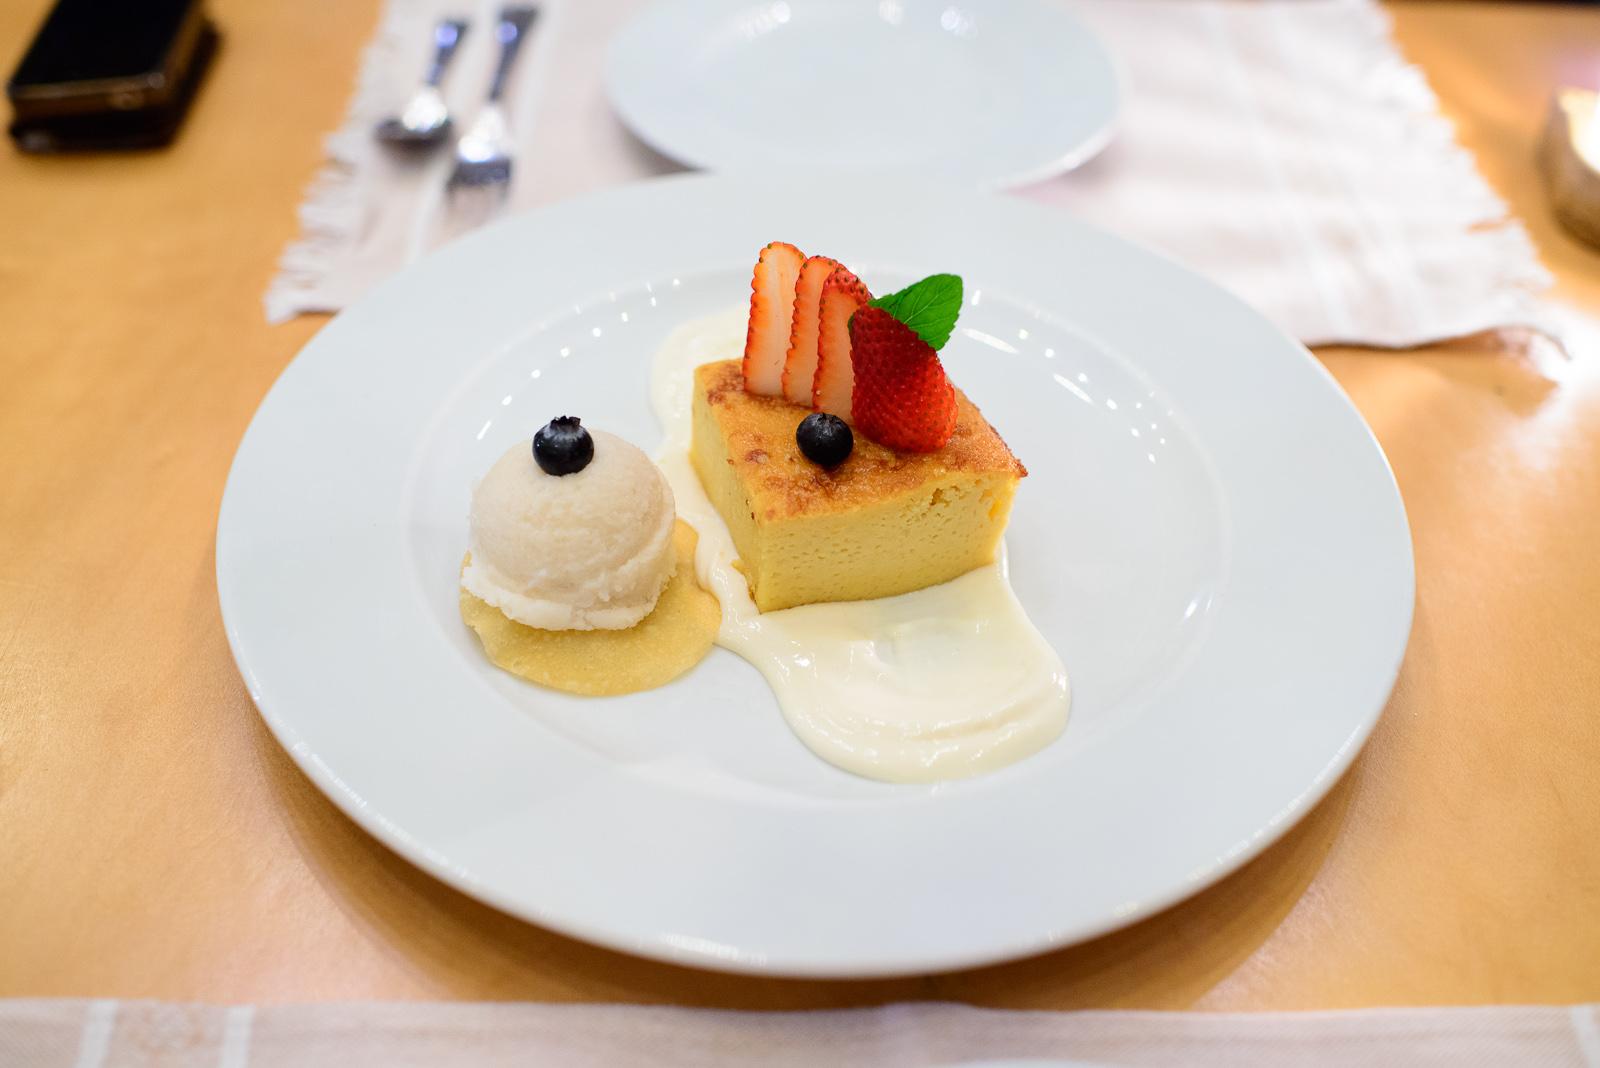 Pastel de elite con salsa de limón (Corn cake with lime cream)